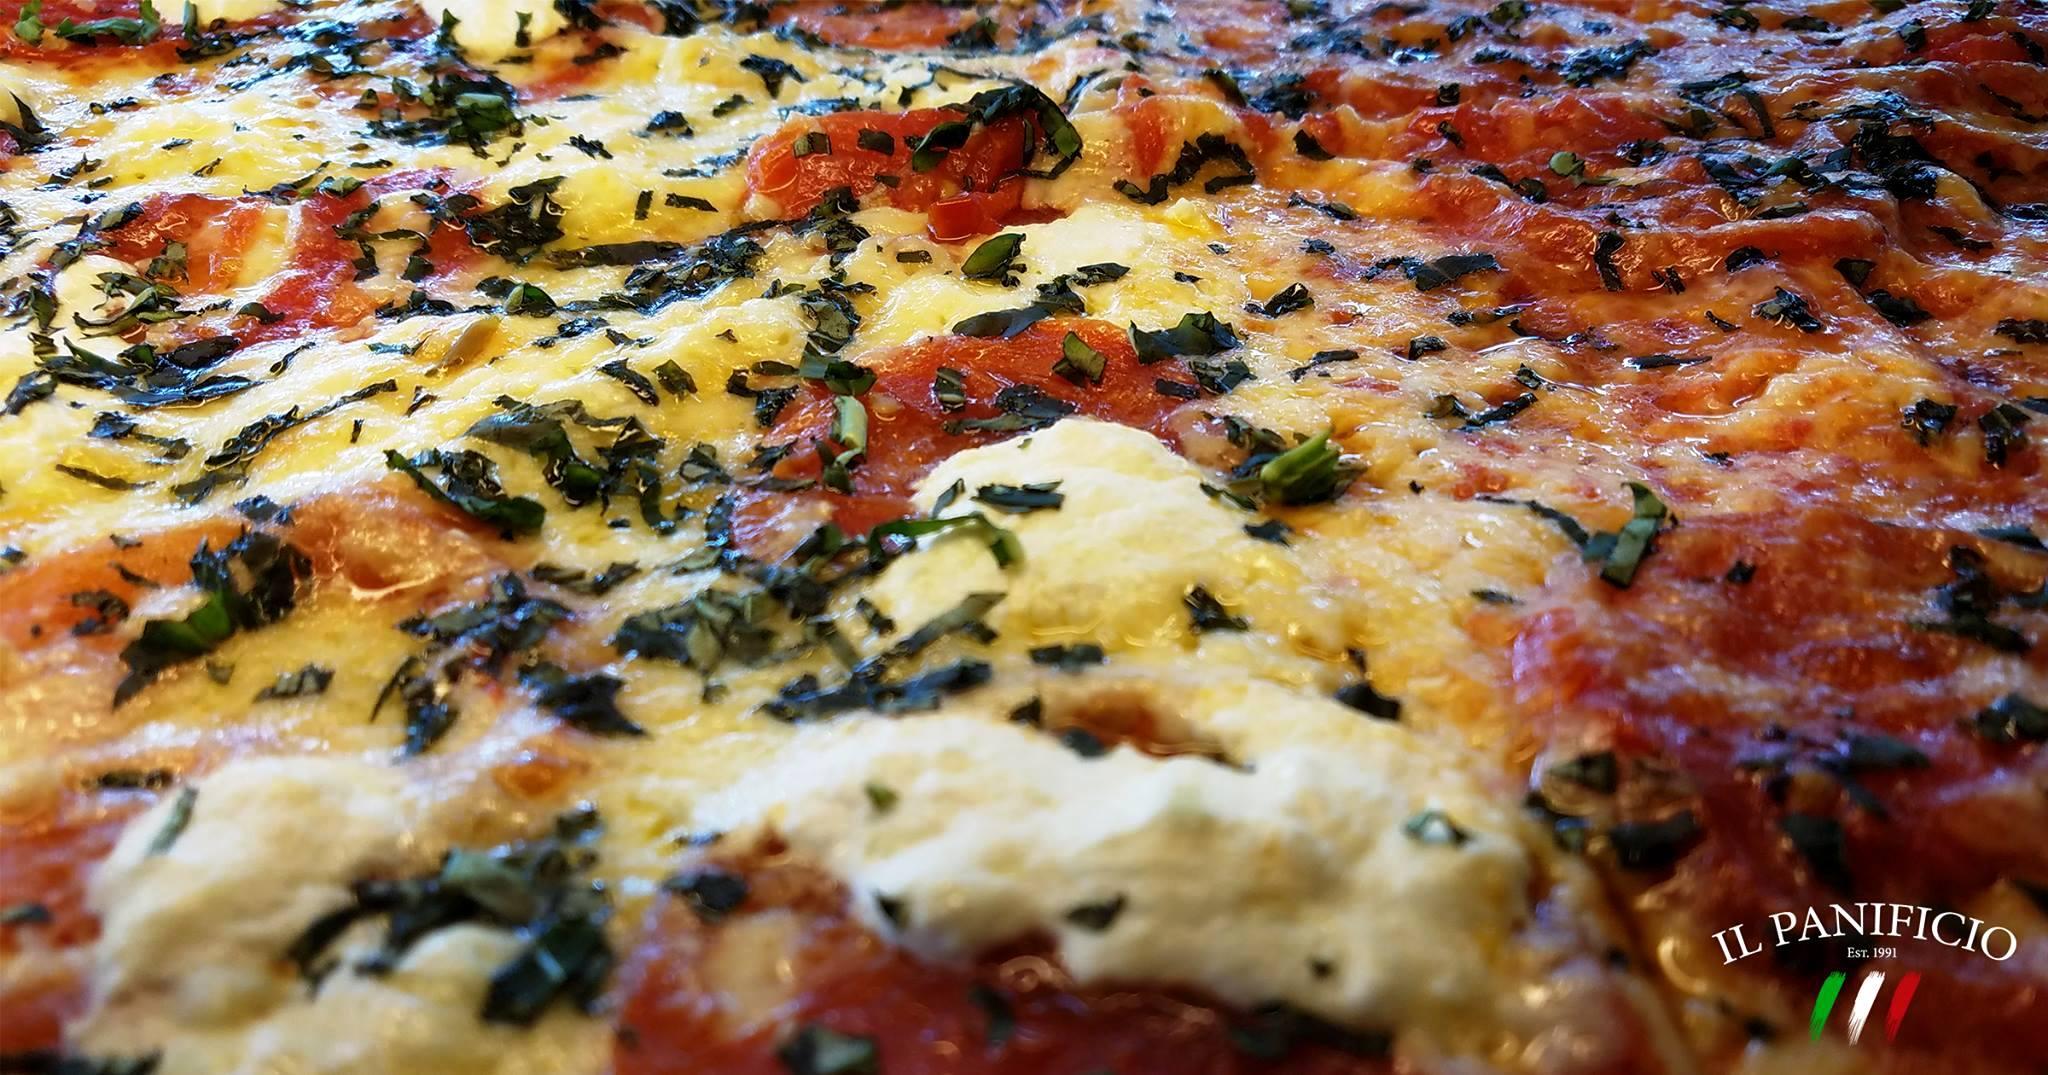 il panificio pizza slices lunch gulf gate